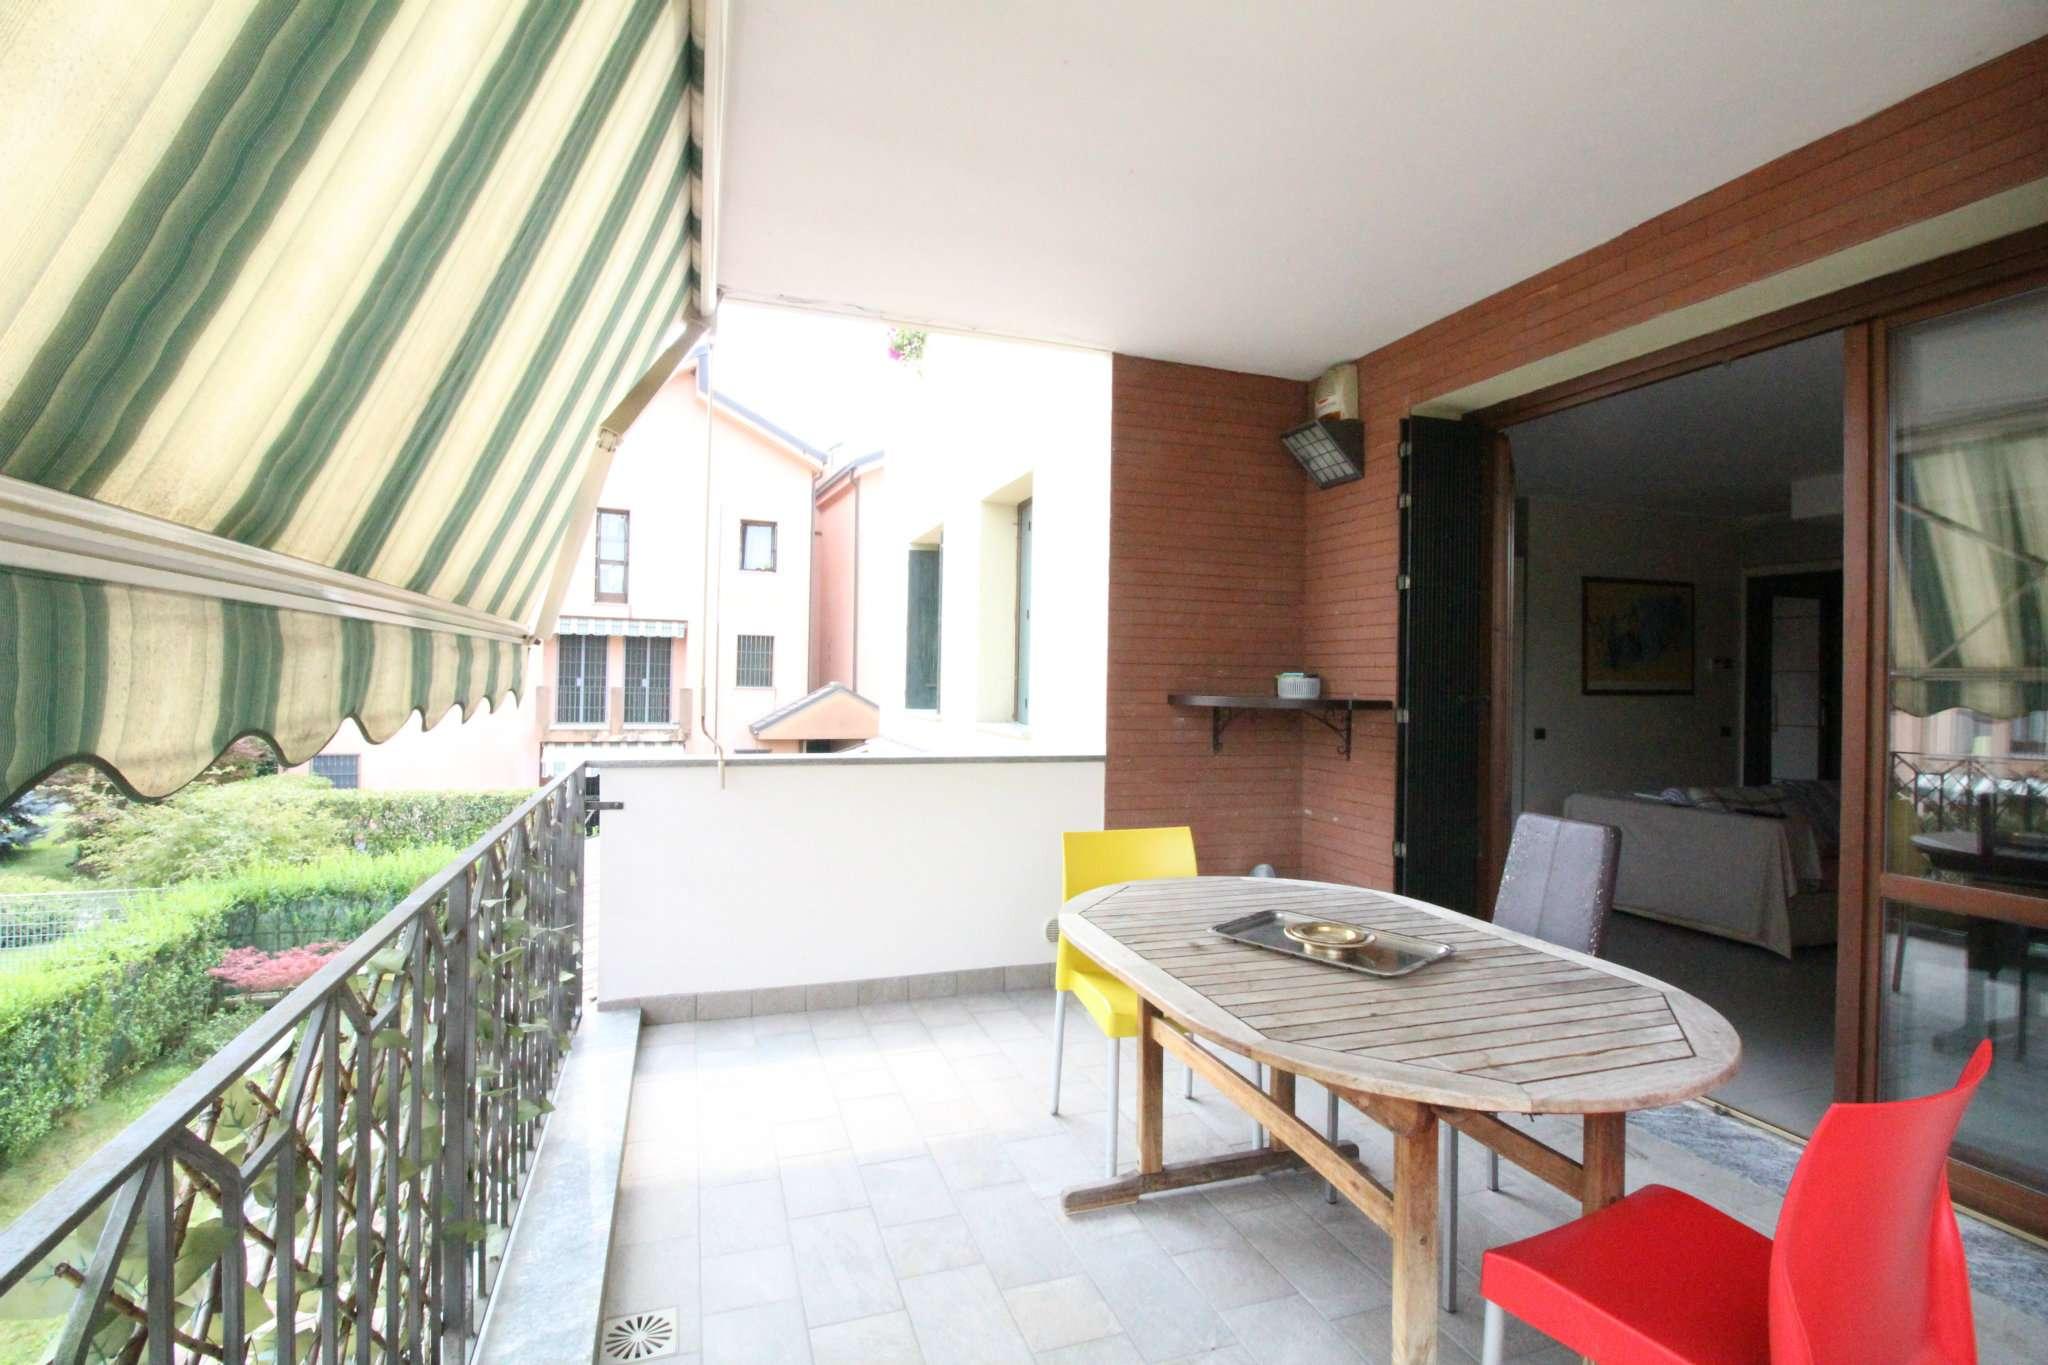 Appartamento in vendita a Cavenago di Brianza, 4 locali, prezzo € 238.000 | PortaleAgenzieImmobiliari.it